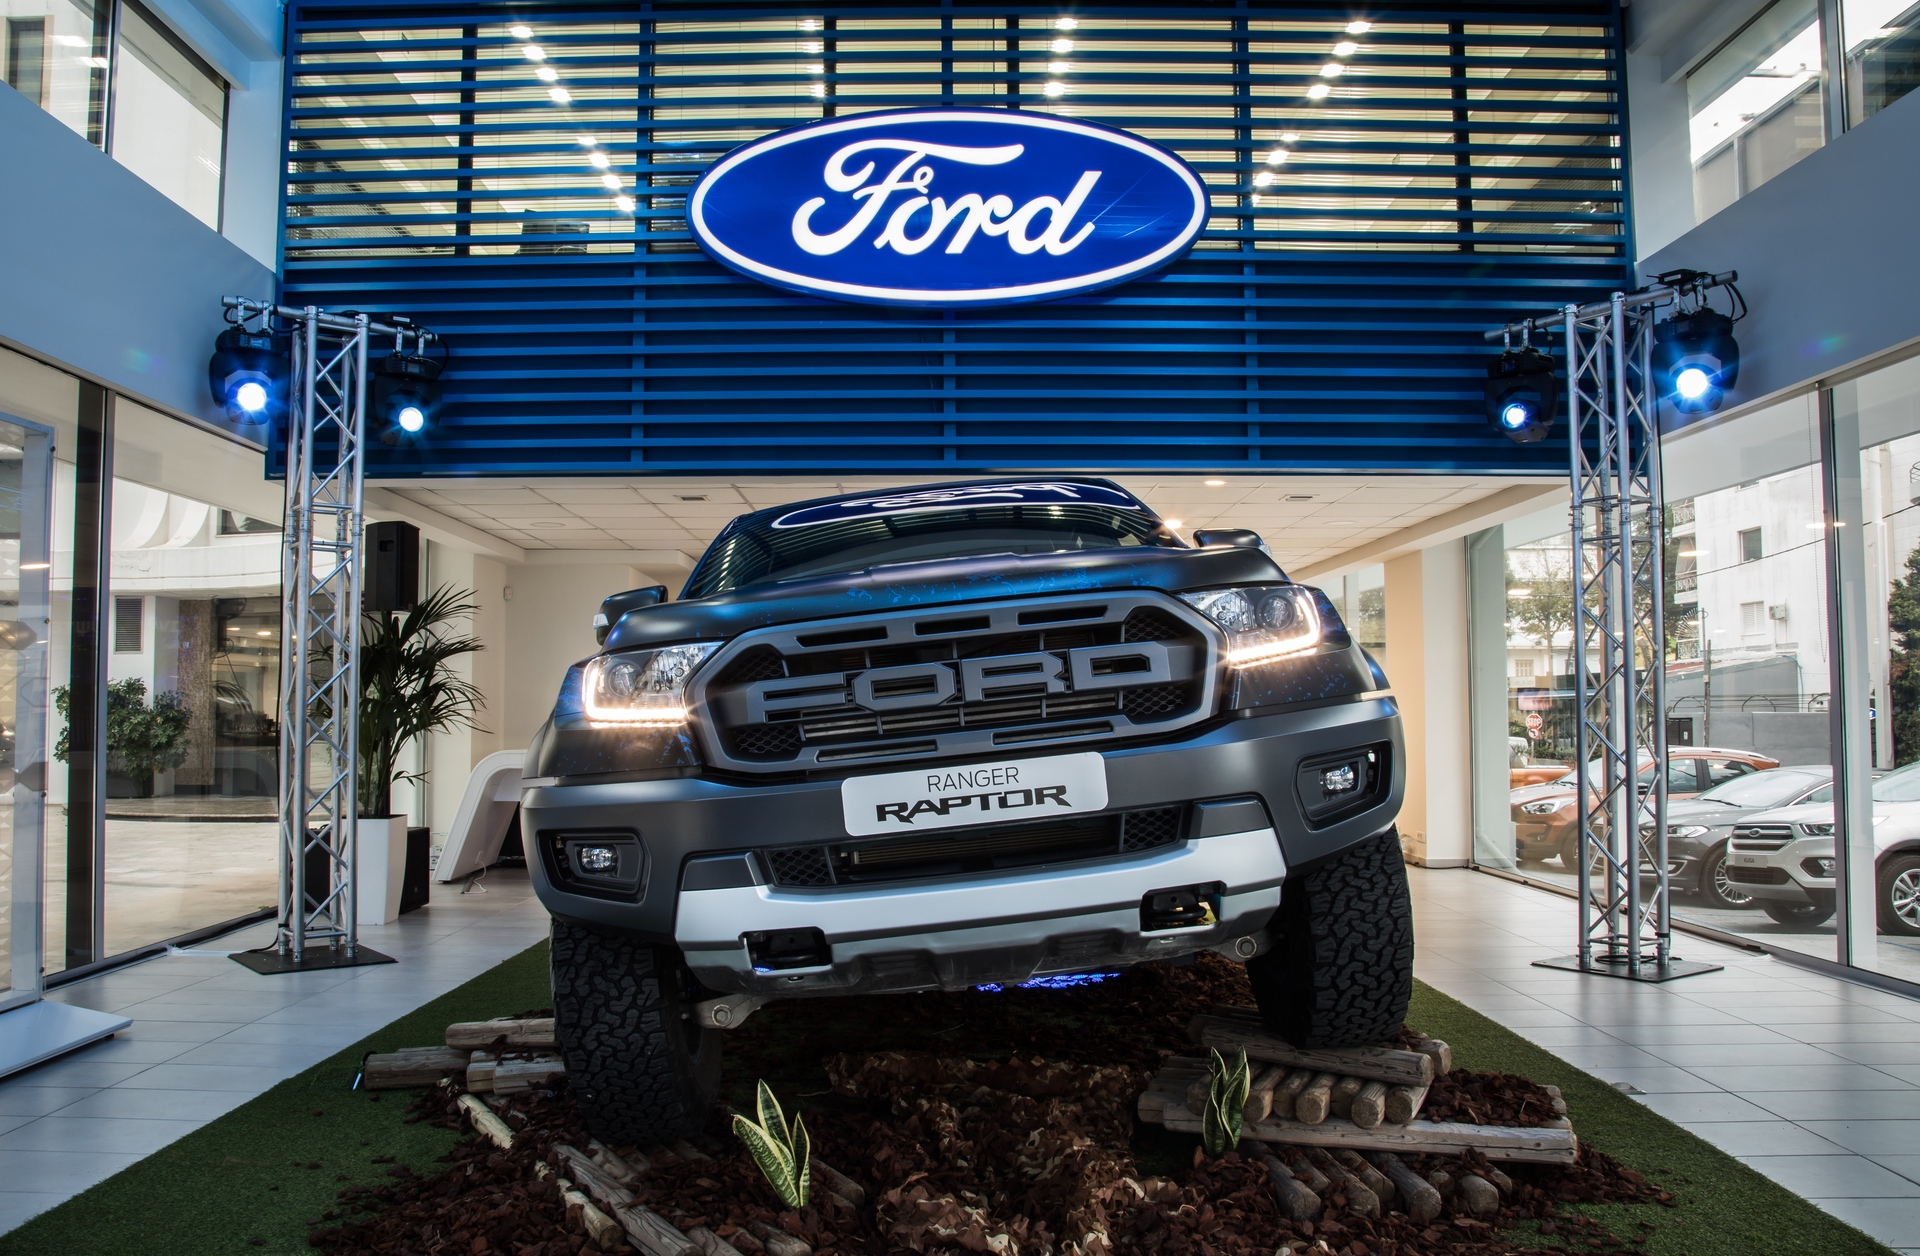 Ford_Ranger_Raptor_greek_resentation_0009